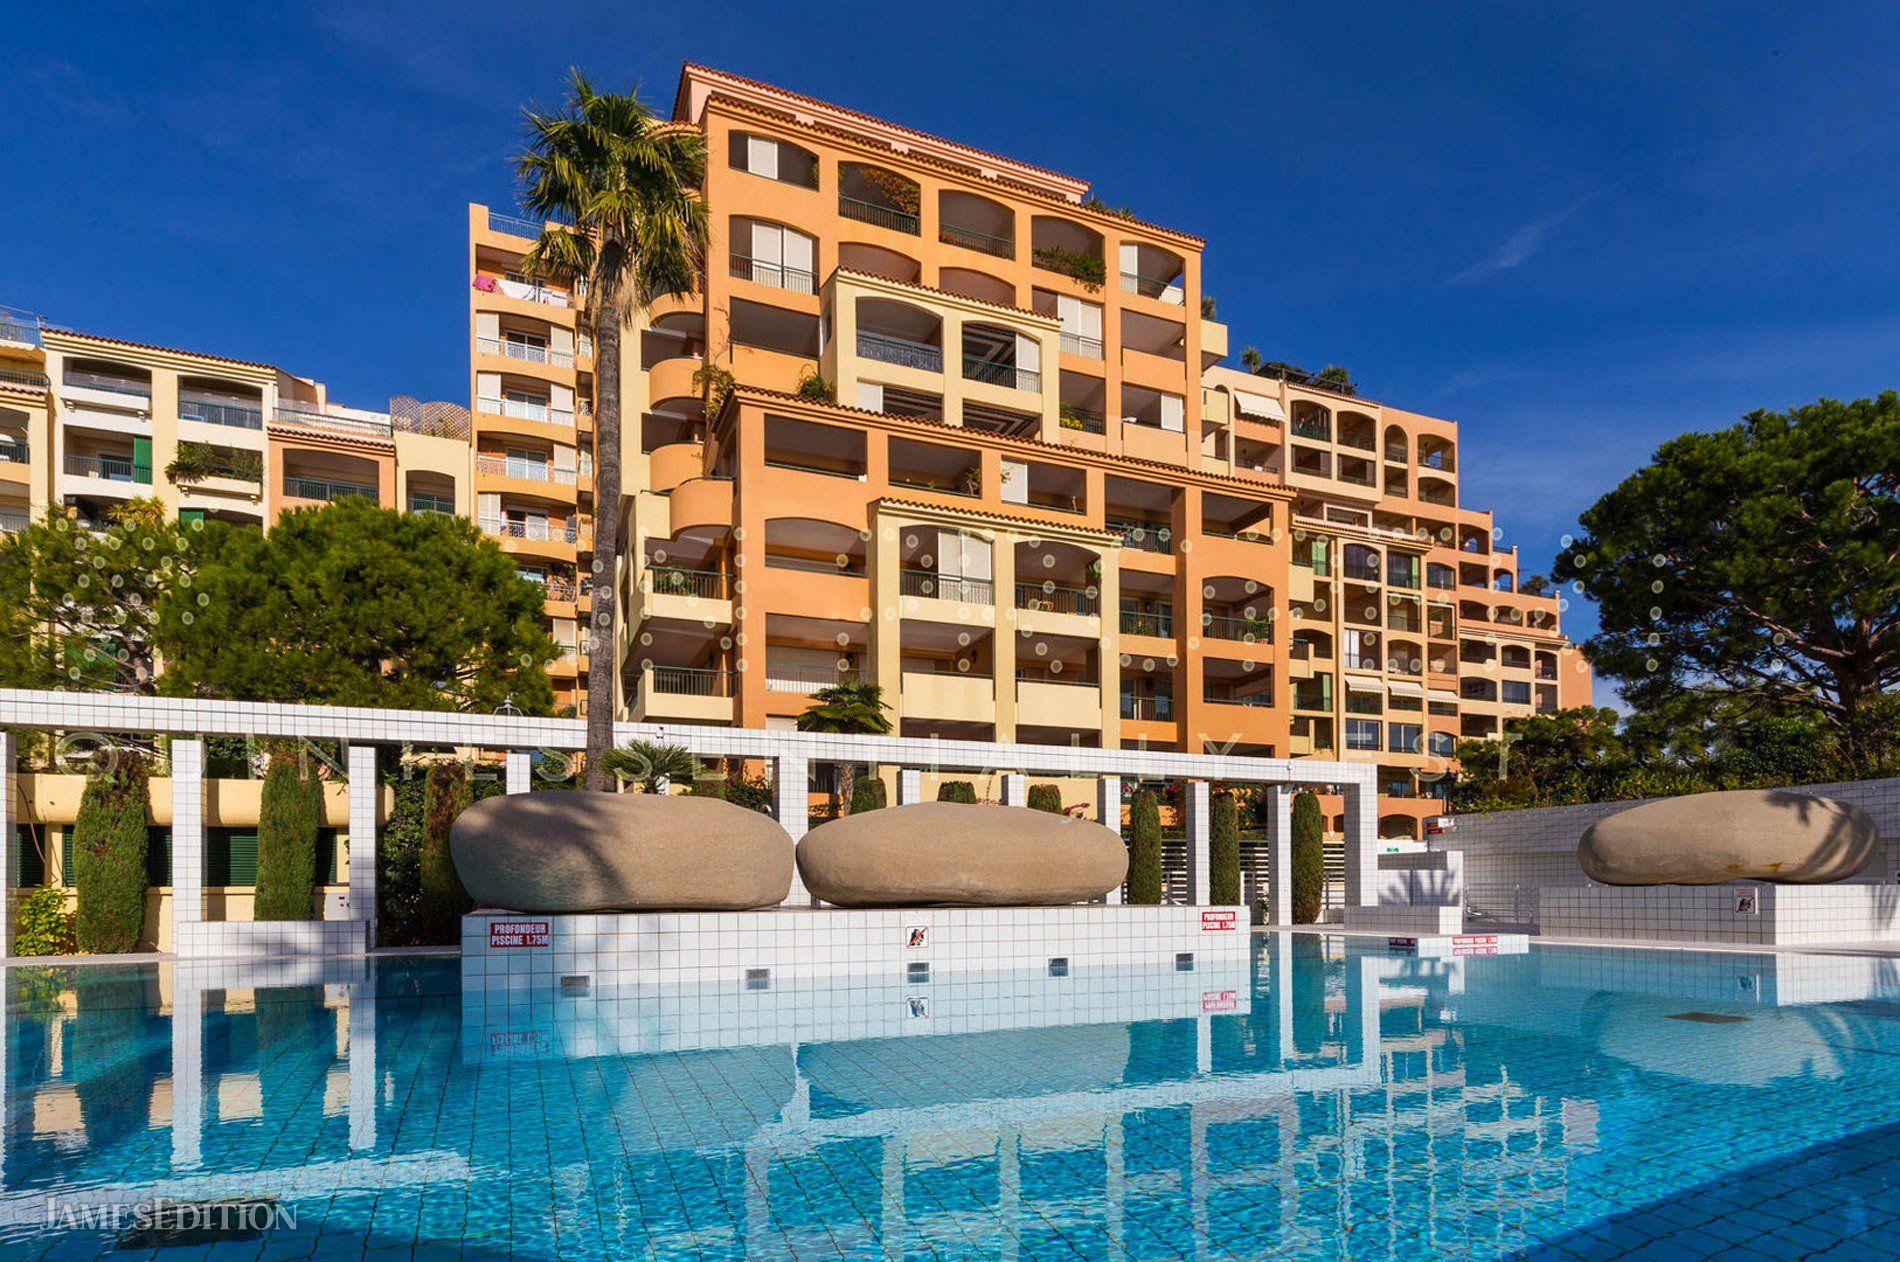 Apartment in Fontvieille, Monaco 1